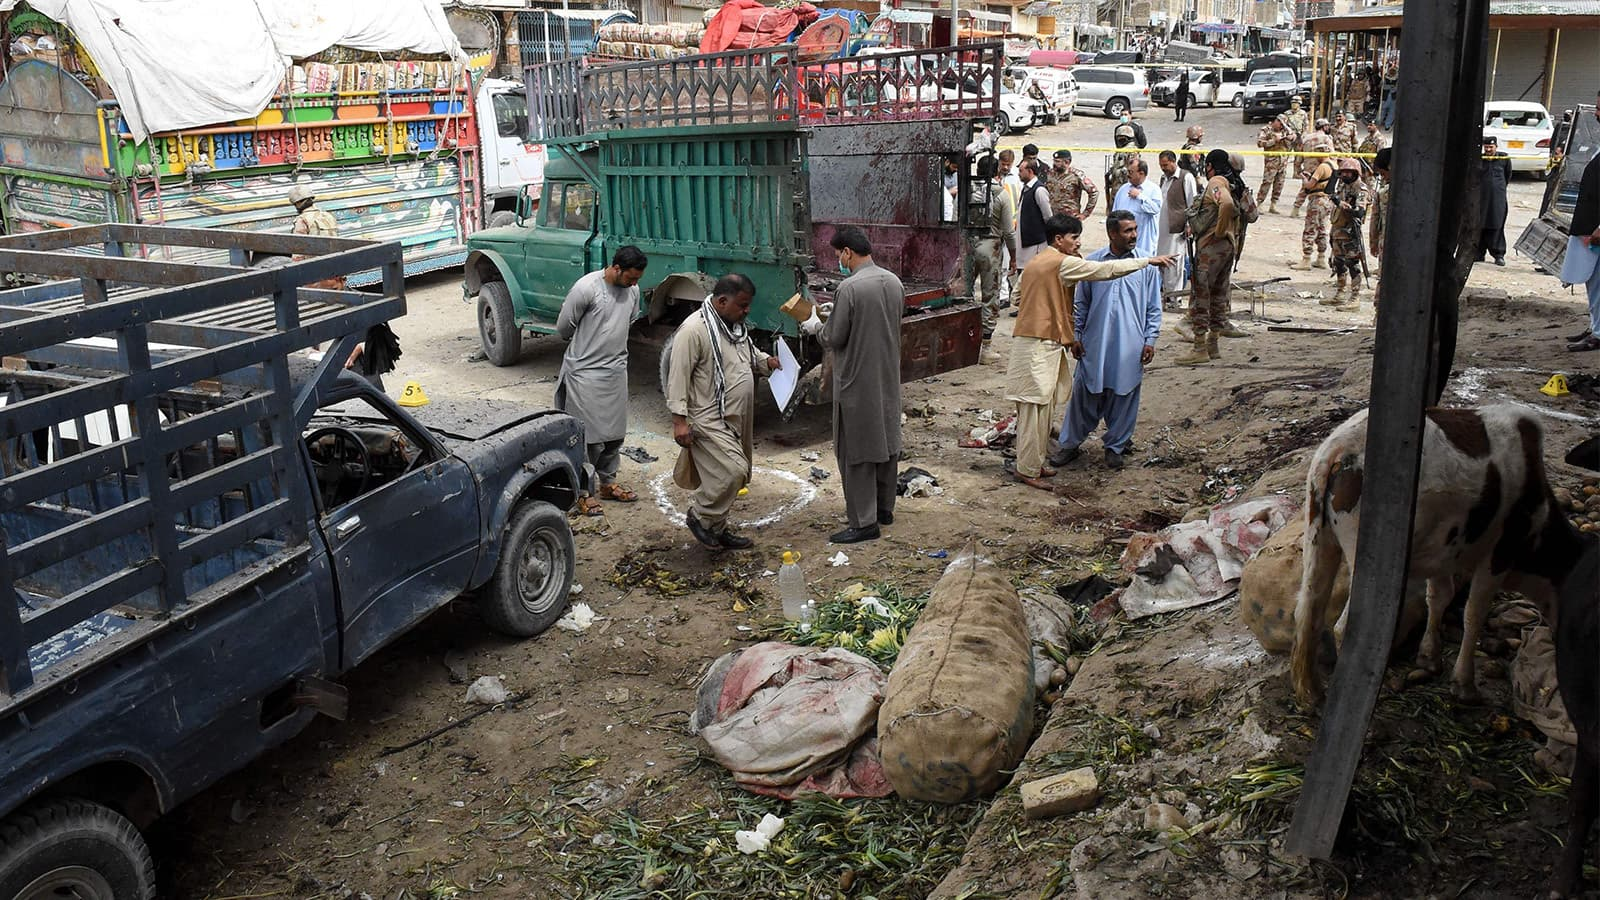 دھماکا سامان گاڑیوں میں منتقل کرتے ہوئے ہوا—تصویر: اے ایف پی